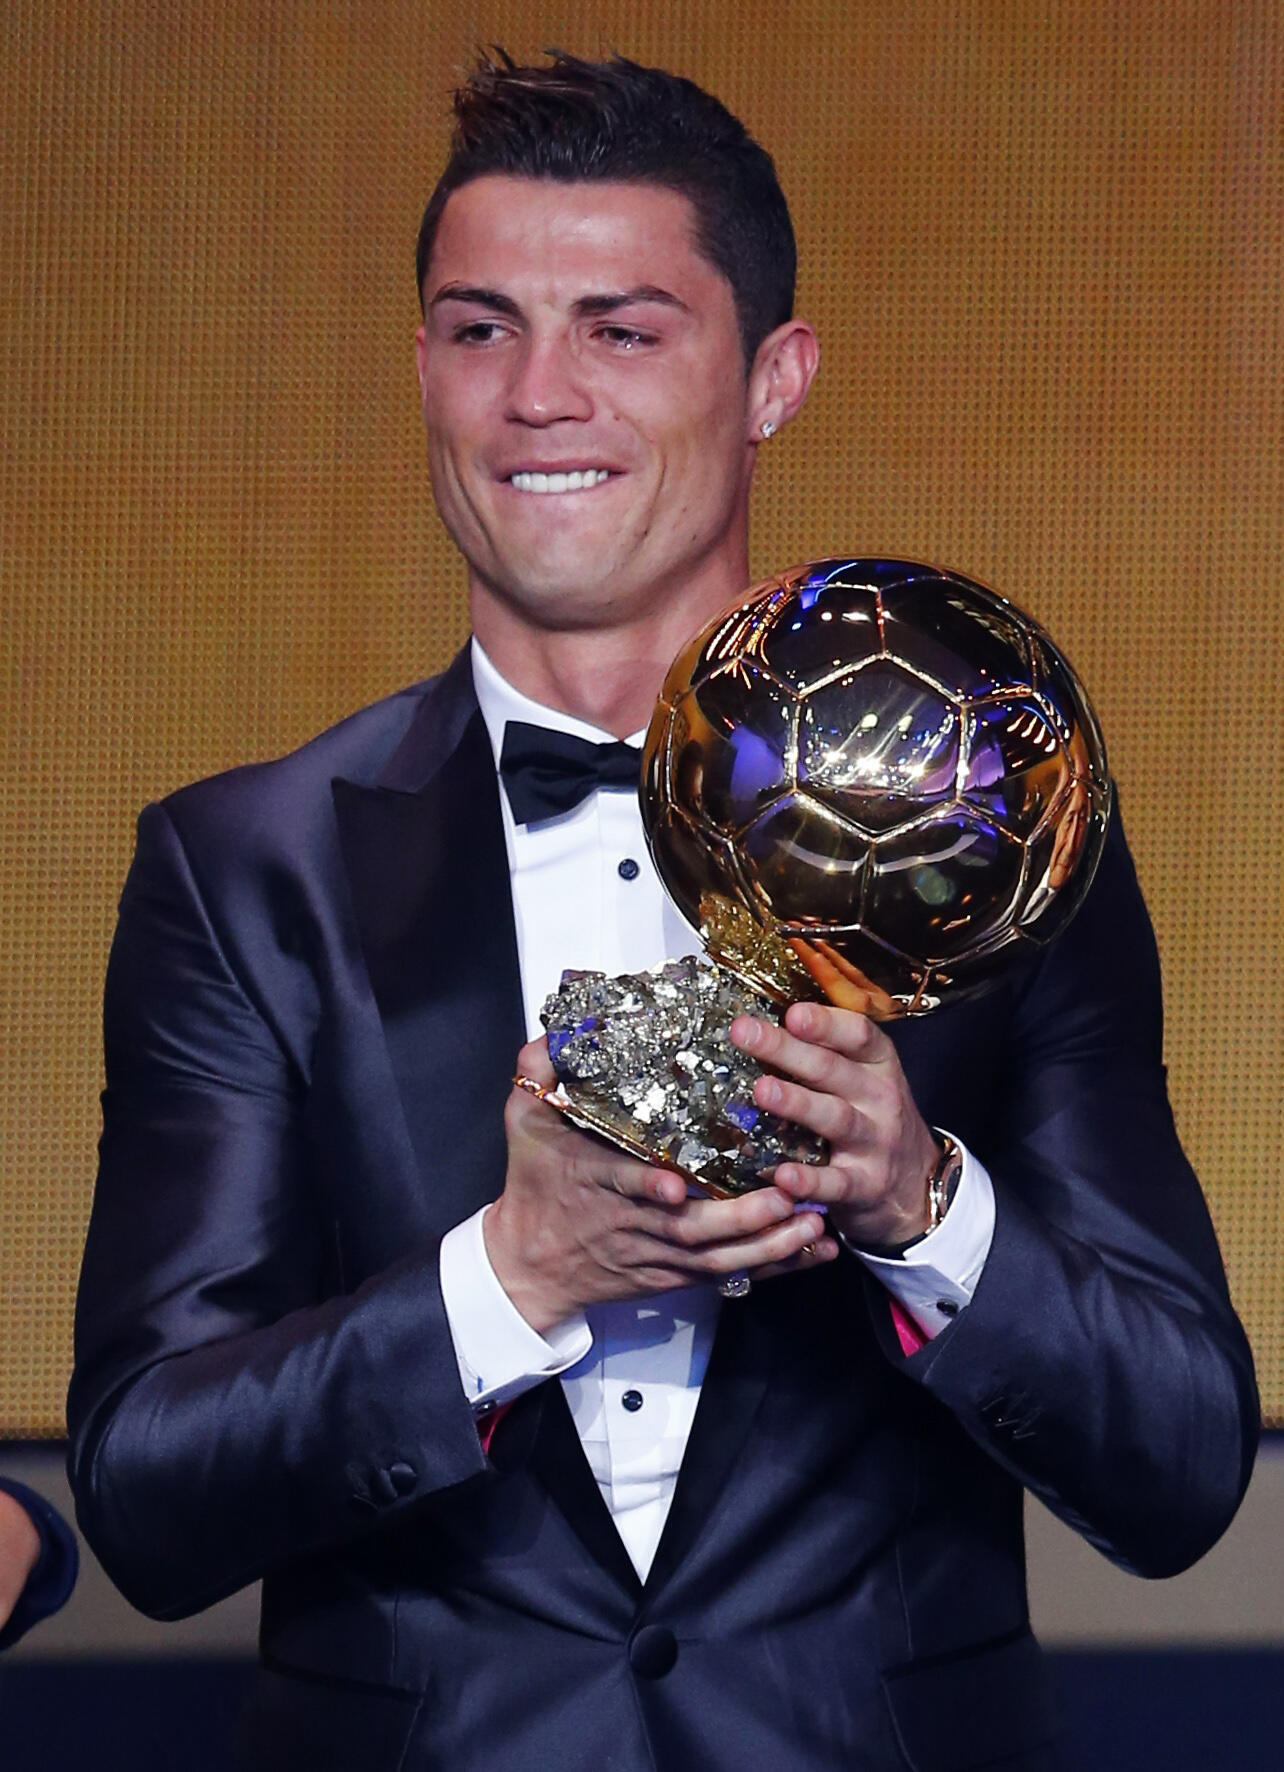 Cristiano Ronaldo com a Bola de Ouro 2013 na Gala da FIFA em Zurique na Suíça